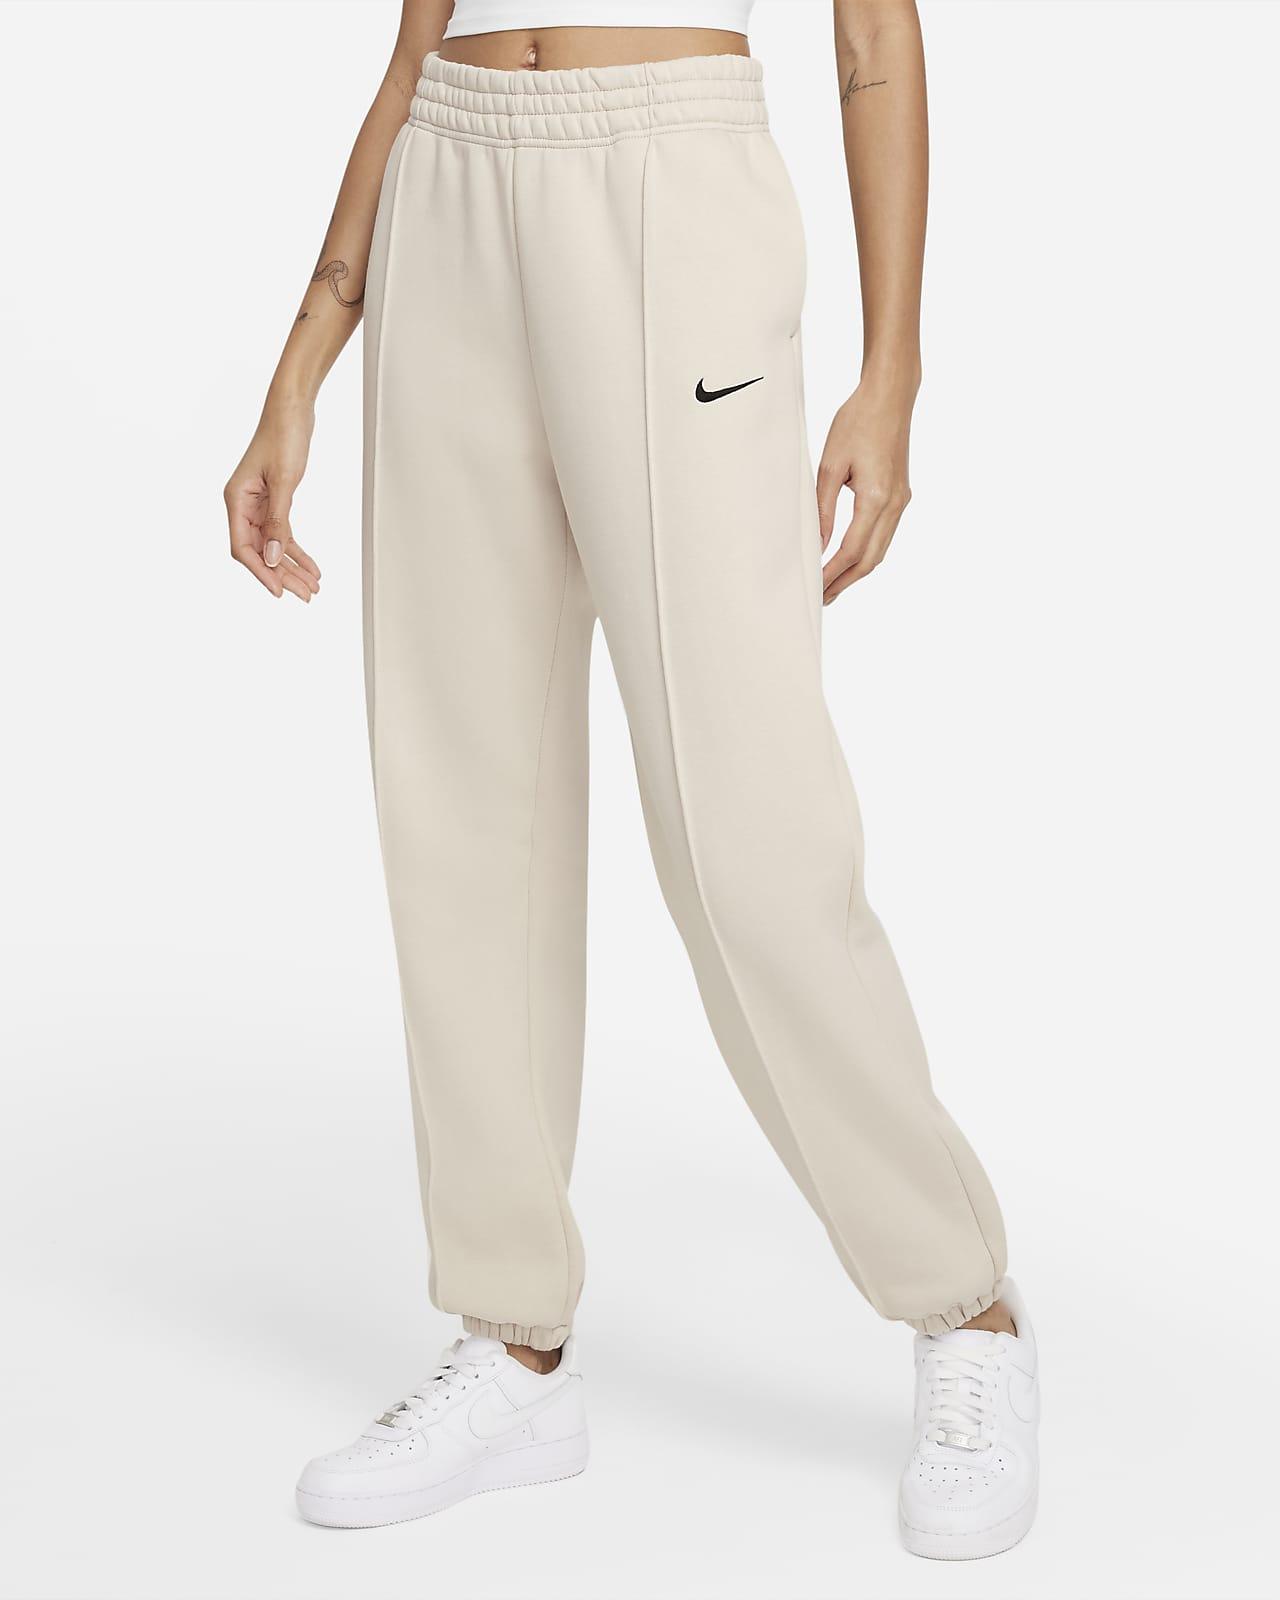 Damskie spodnie Nike Sportswear Collection Essentials